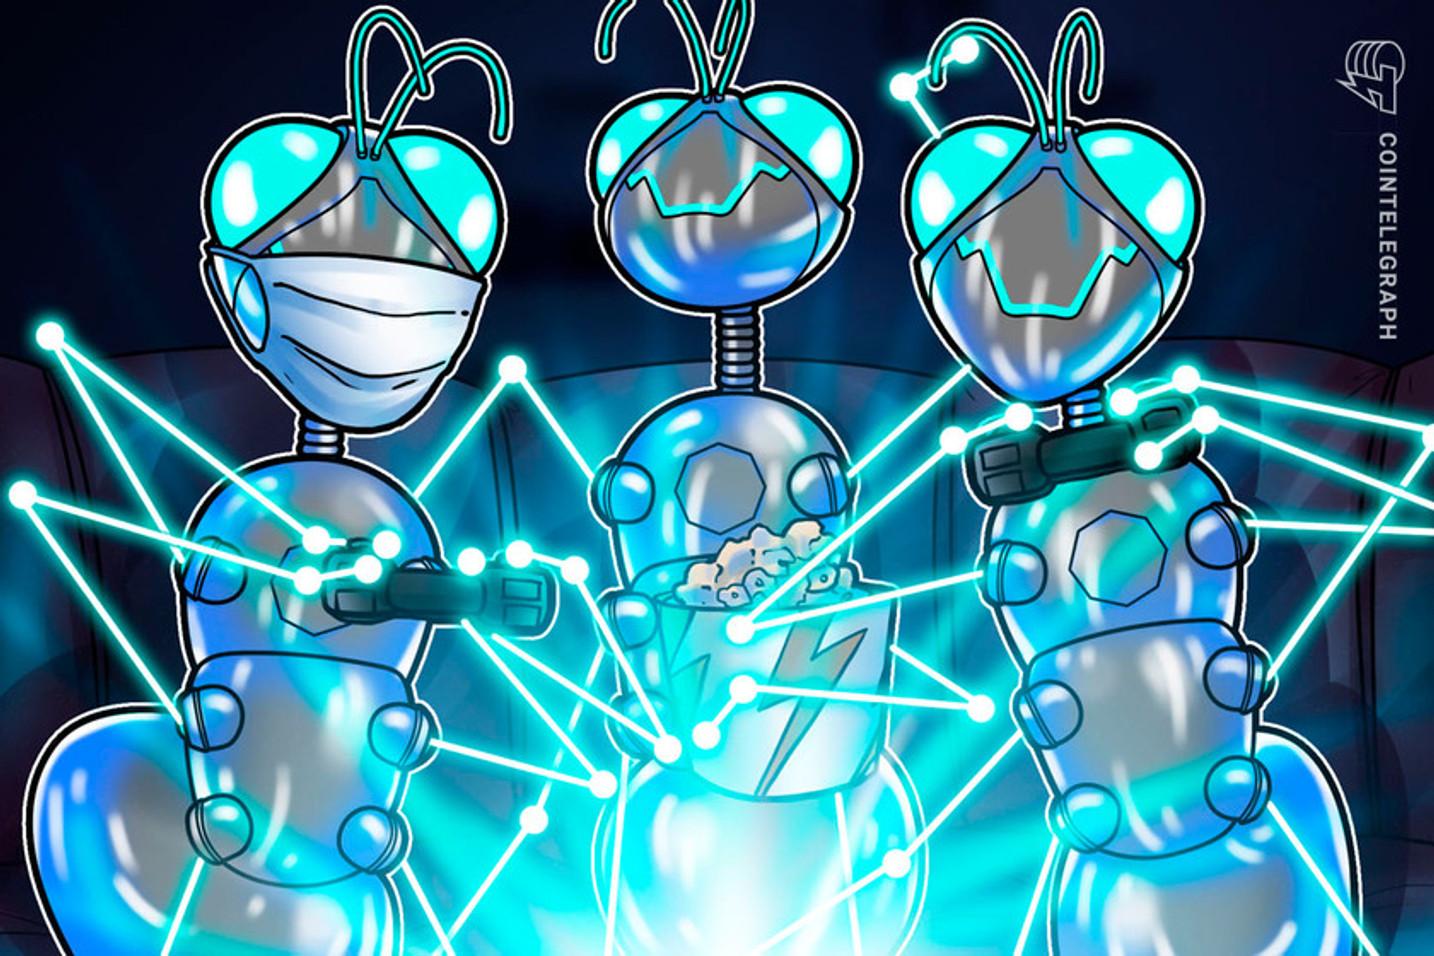 Descubre cripto-juegos que se plantean ser como Axie Infinity